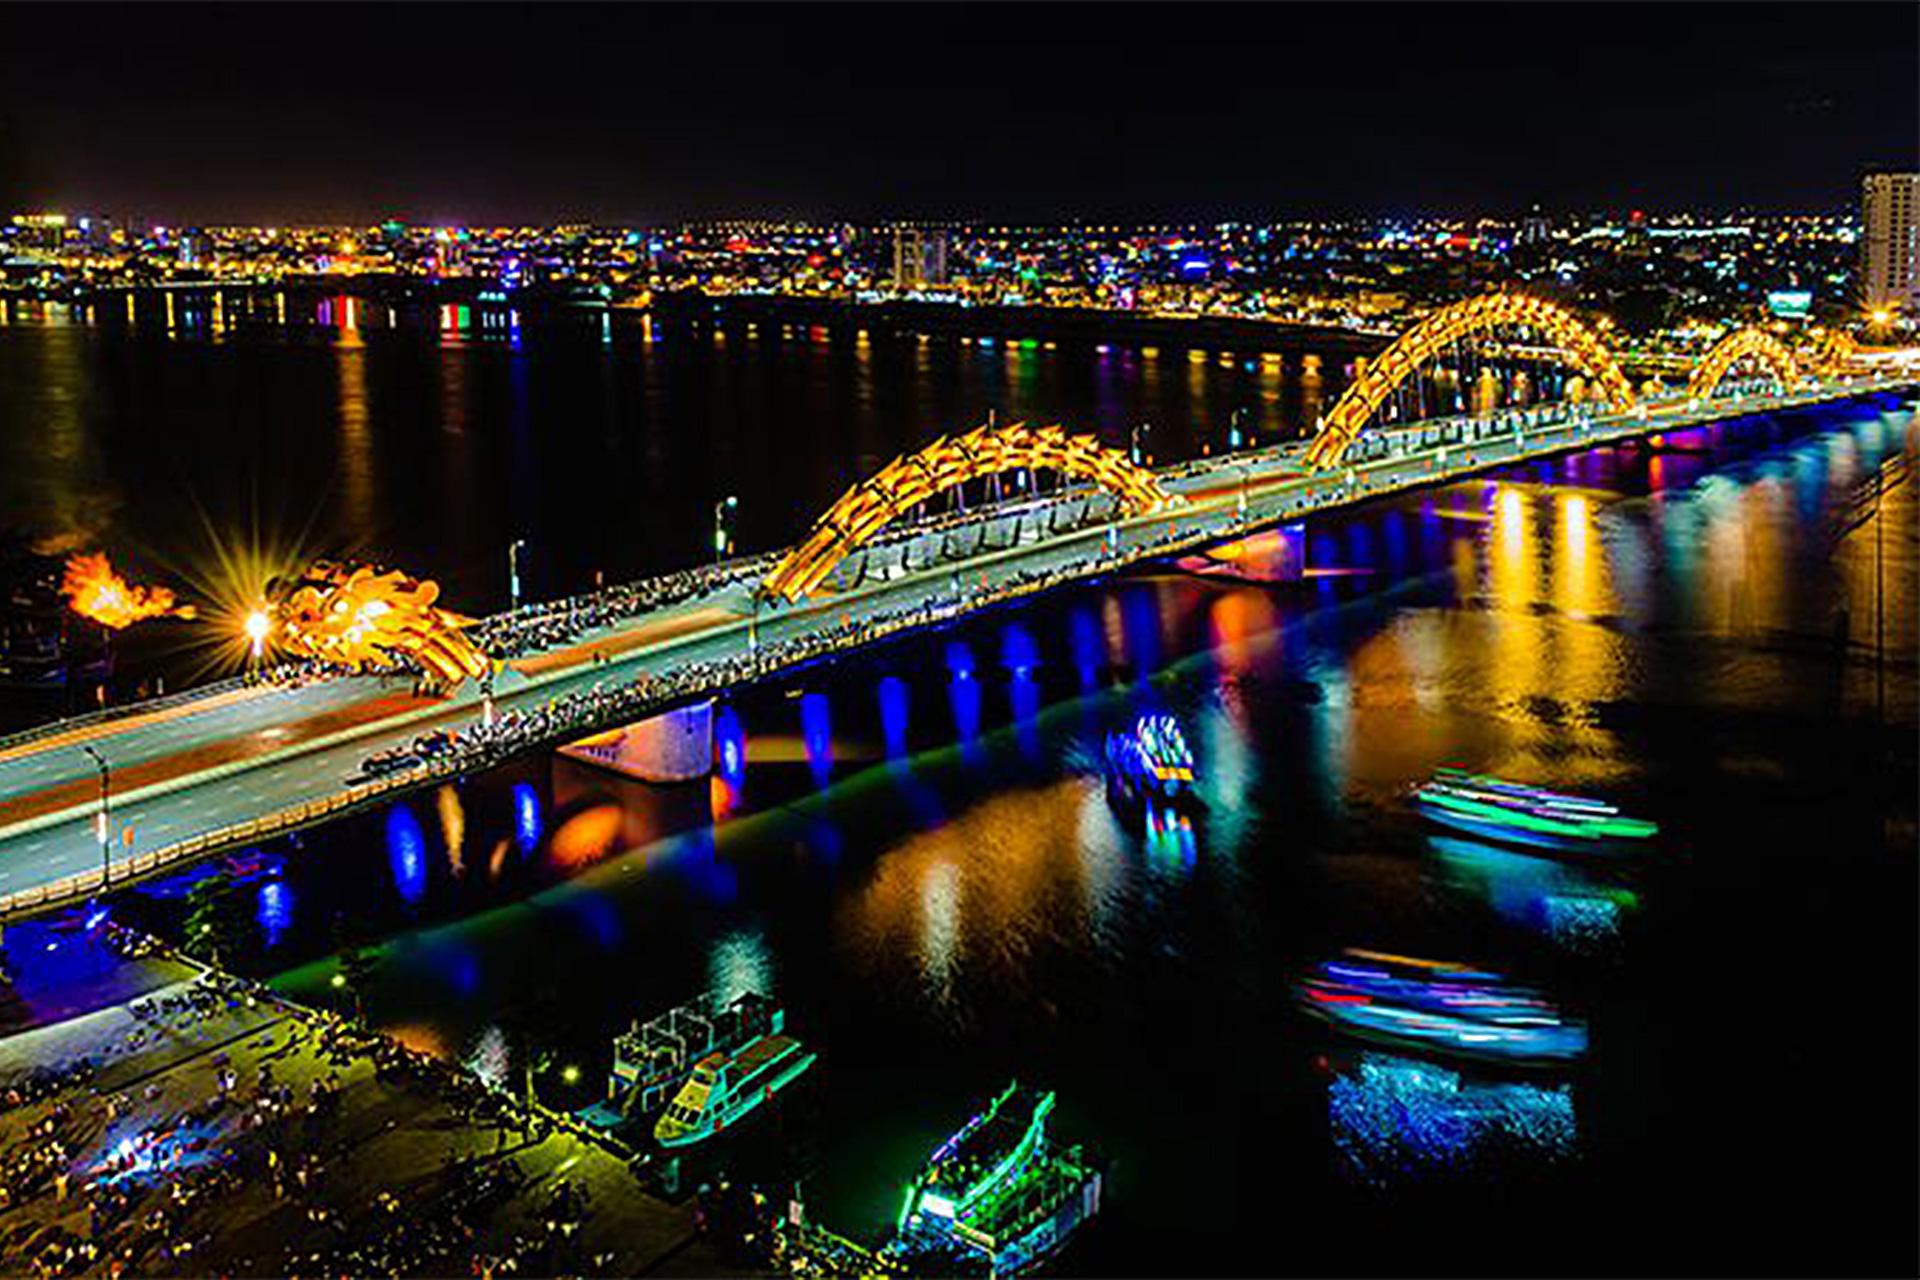 đà nẵng thành phố những cây cầu